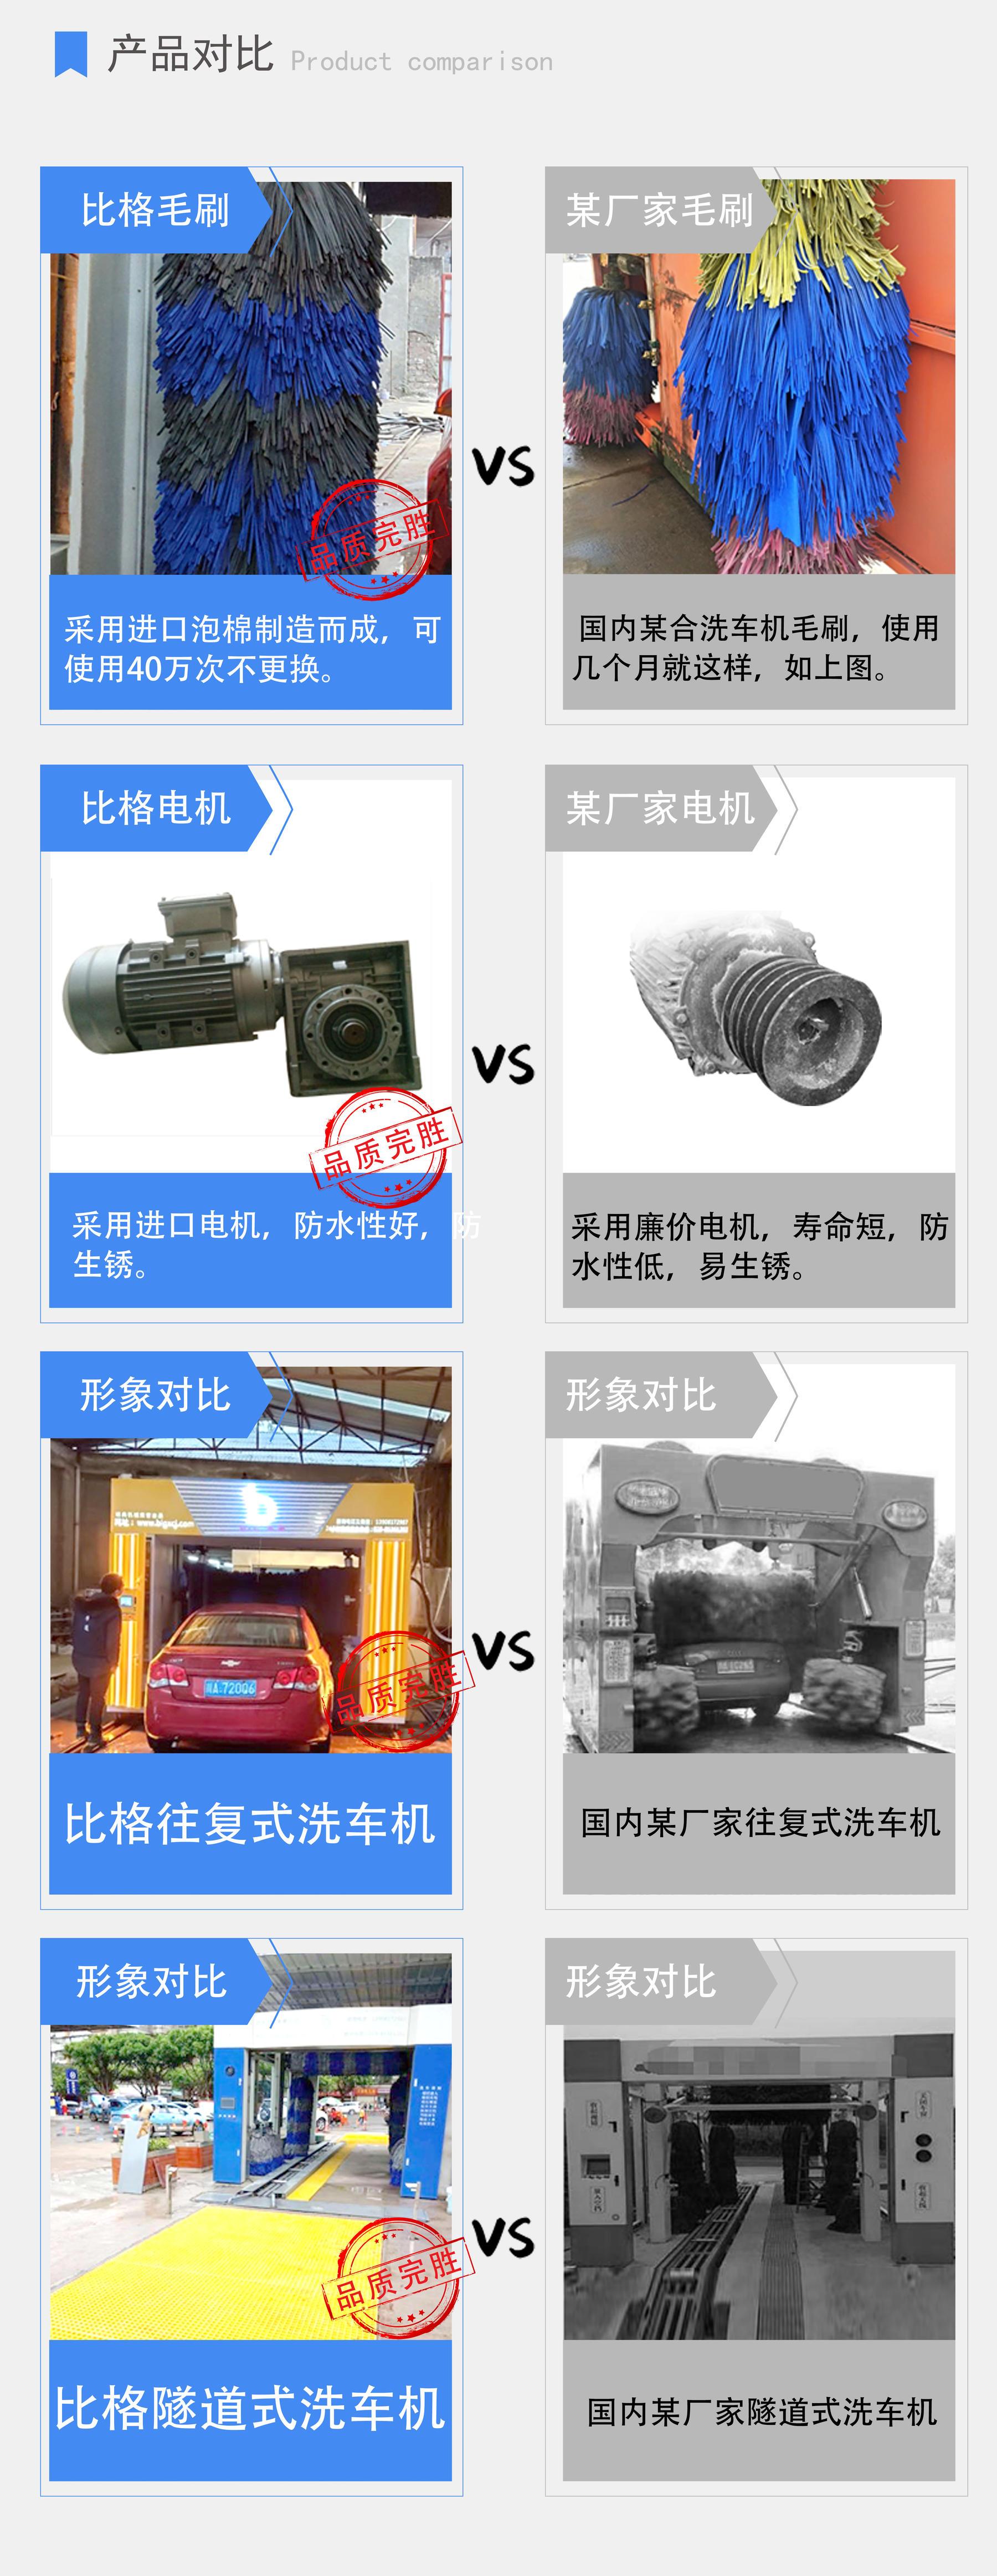 智能洗车机厂家对比